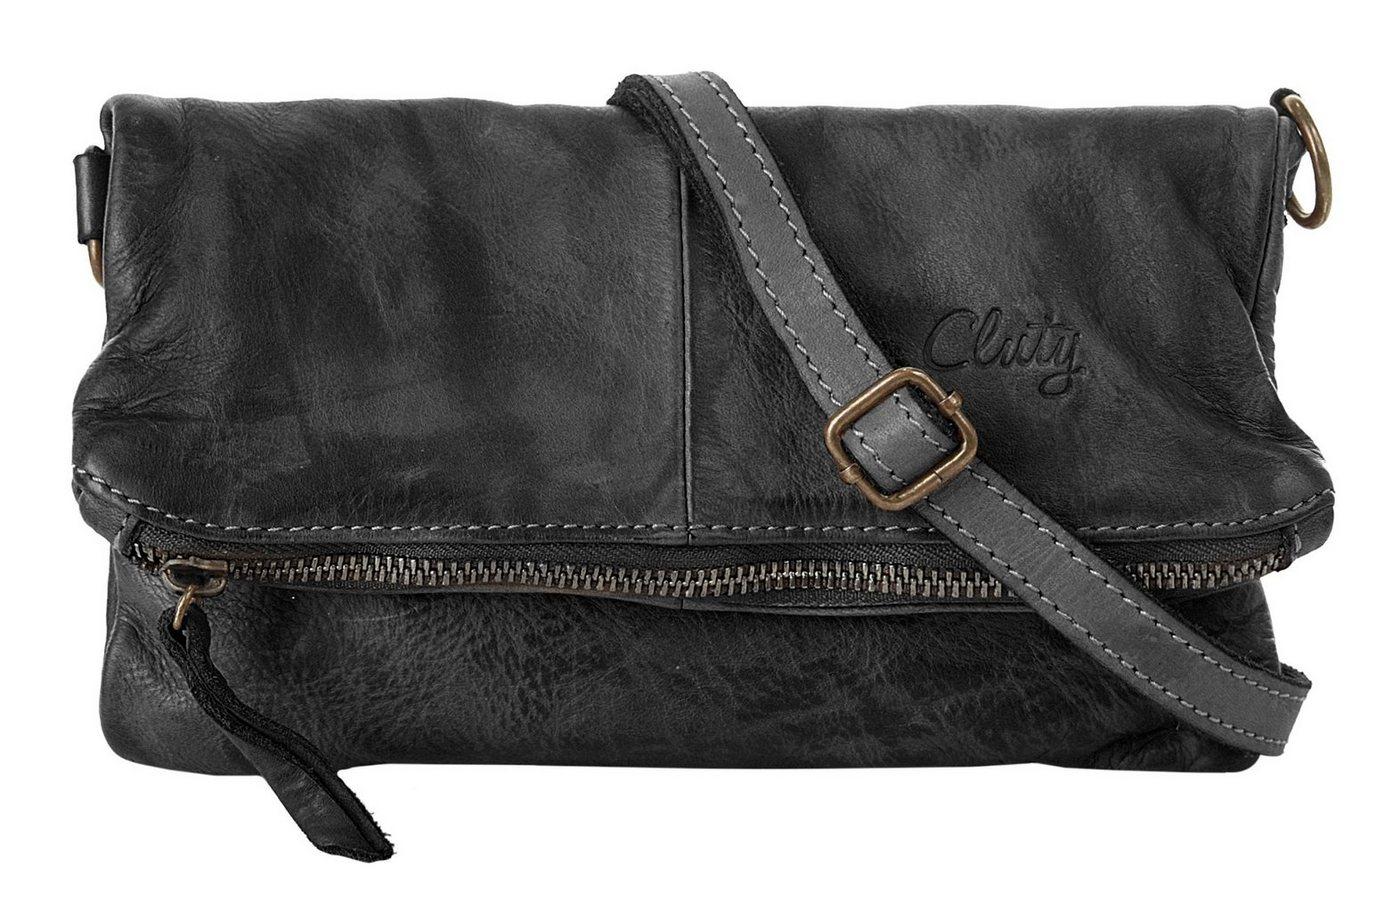 Cluty Abendtasche | Taschen > Handtaschen > Abendtaschen | Schwarz | Leder | Cluty